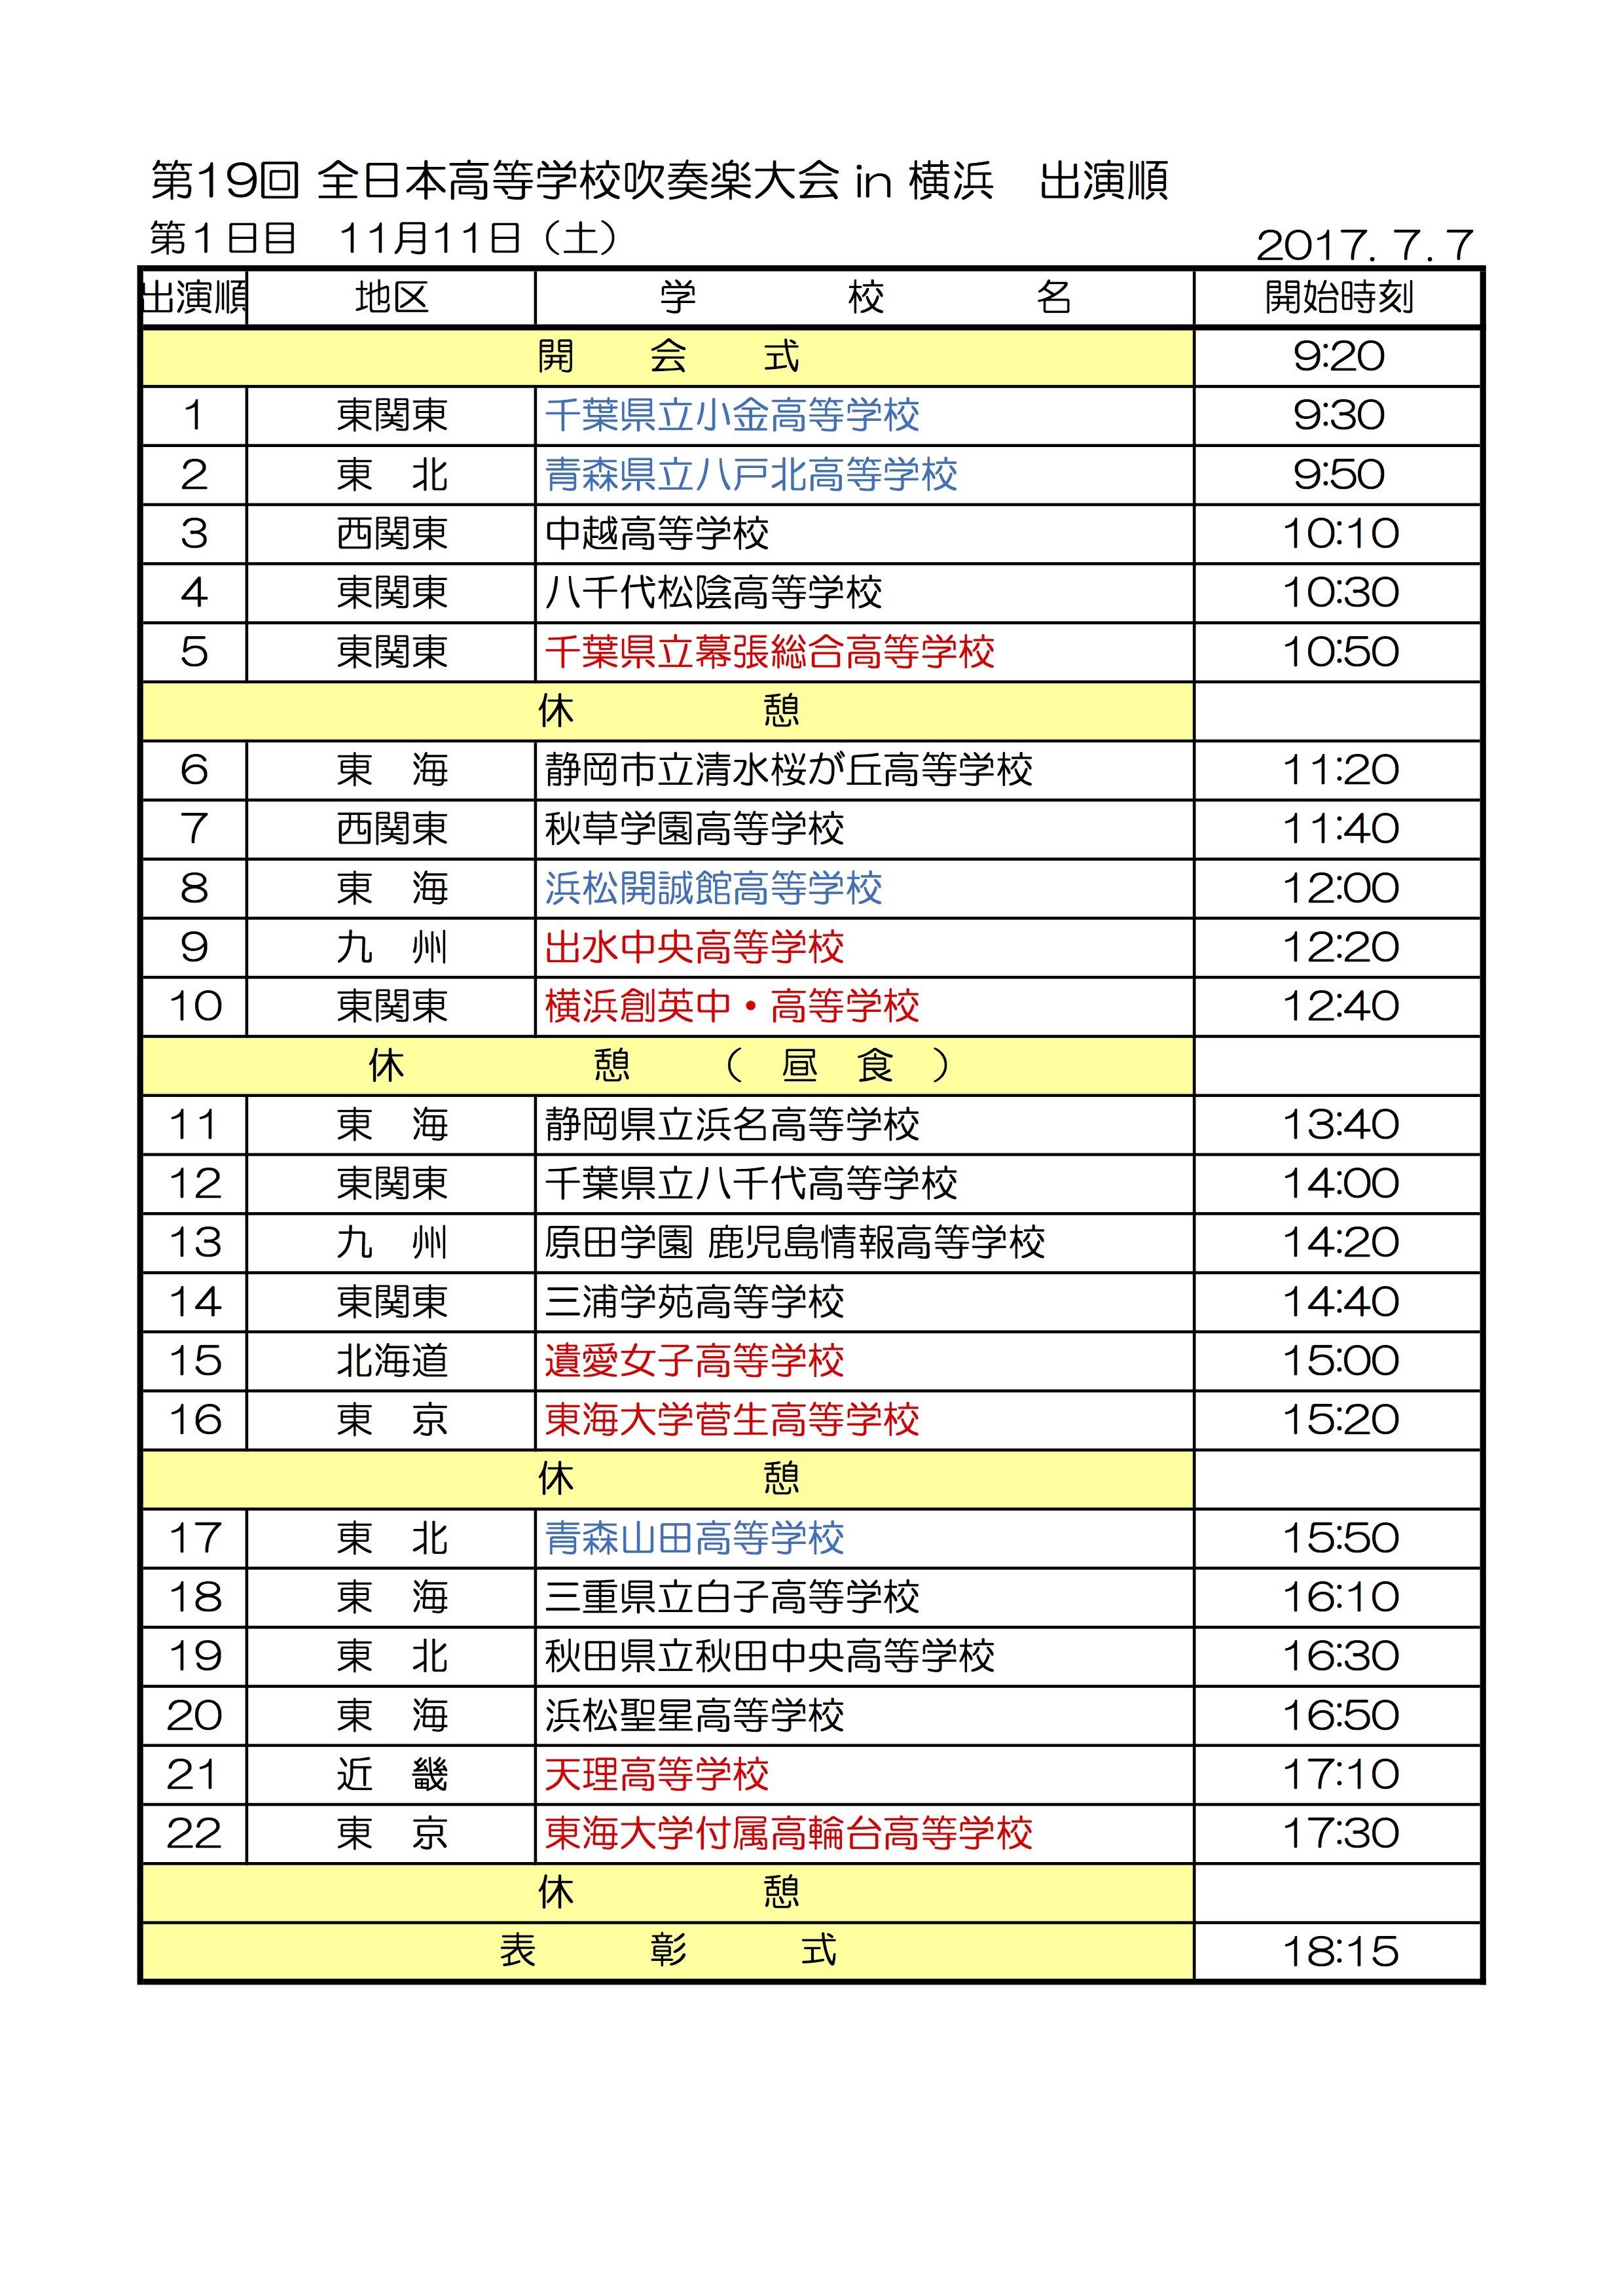 全日本高等学校吹奏楽大会2017演奏順1日目